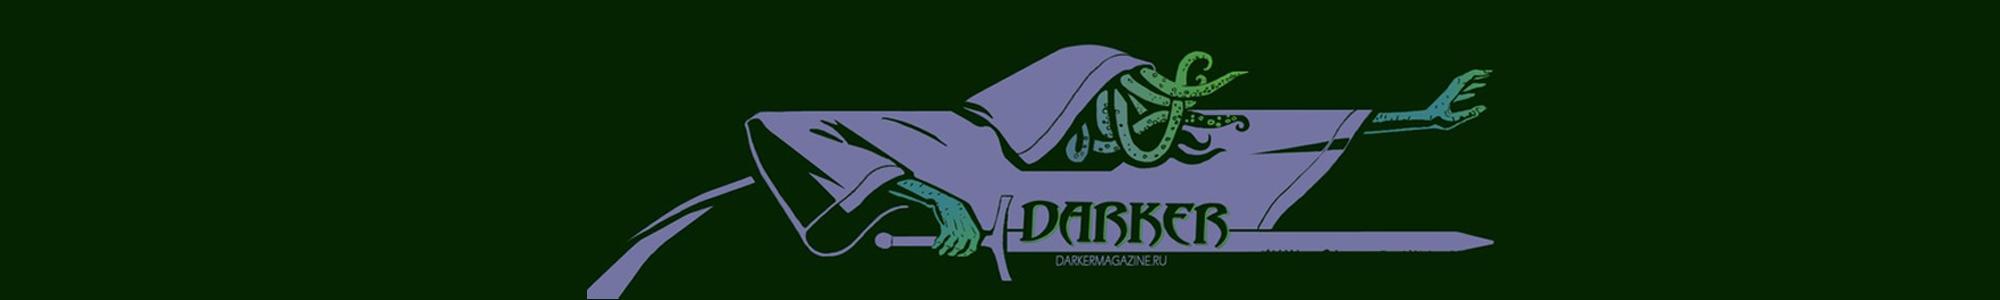 creator cover DARKER